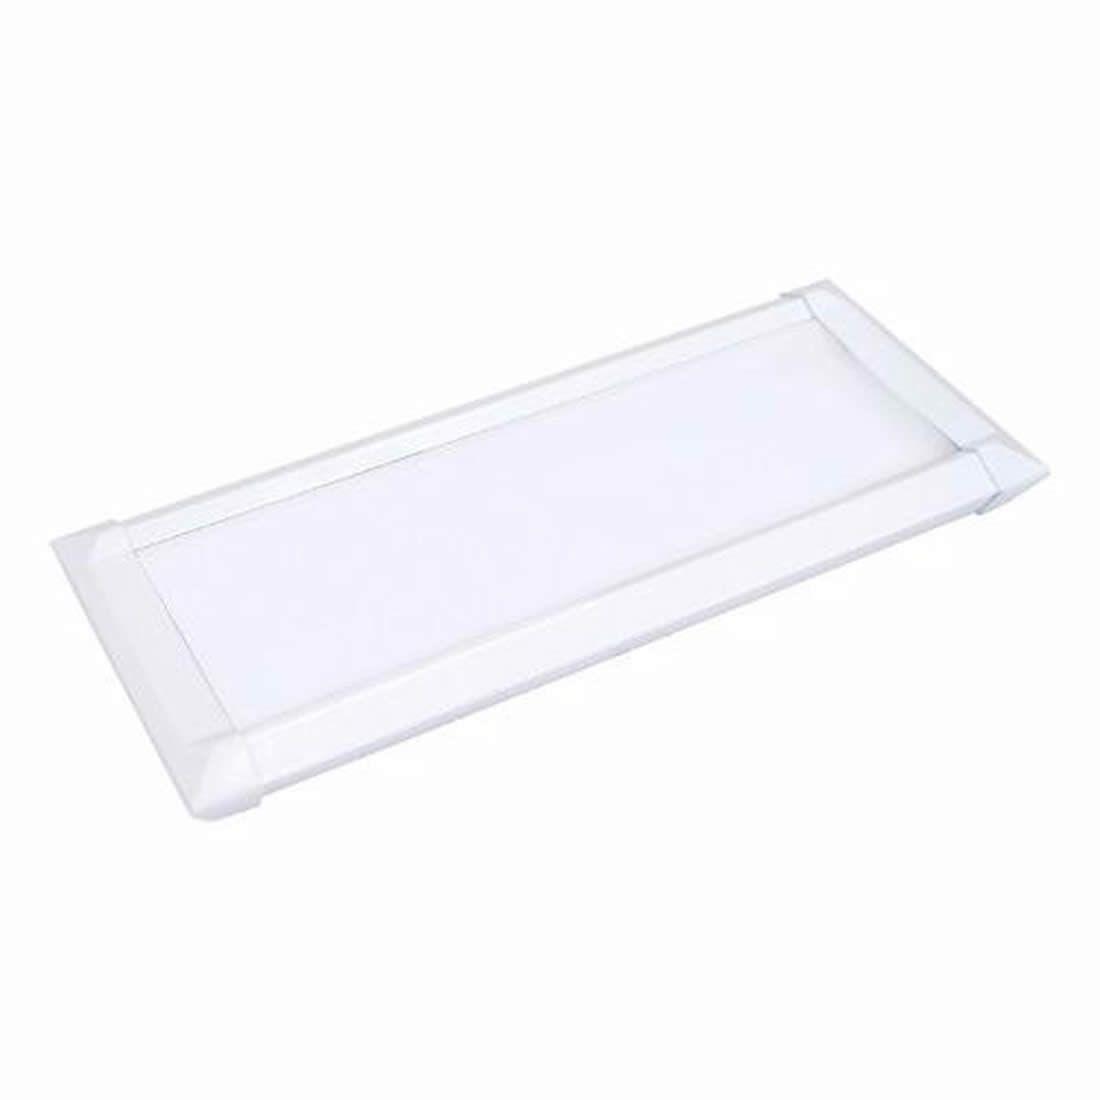 Luminária de Led Taschibra TL Slim 02 Sobrepor 6500K